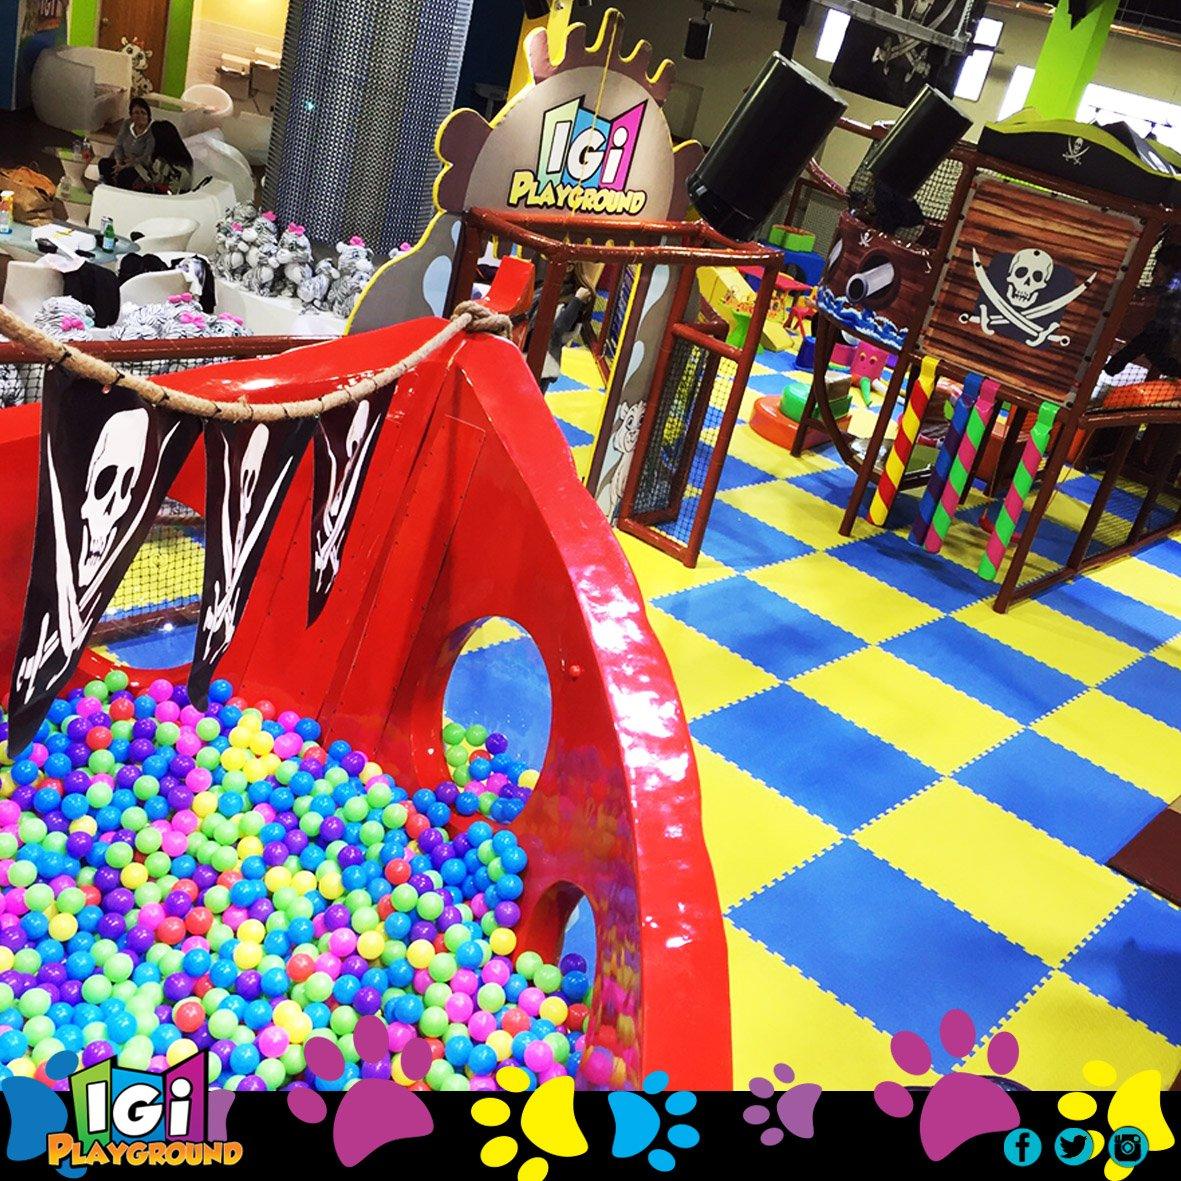 Igi Playground Miami